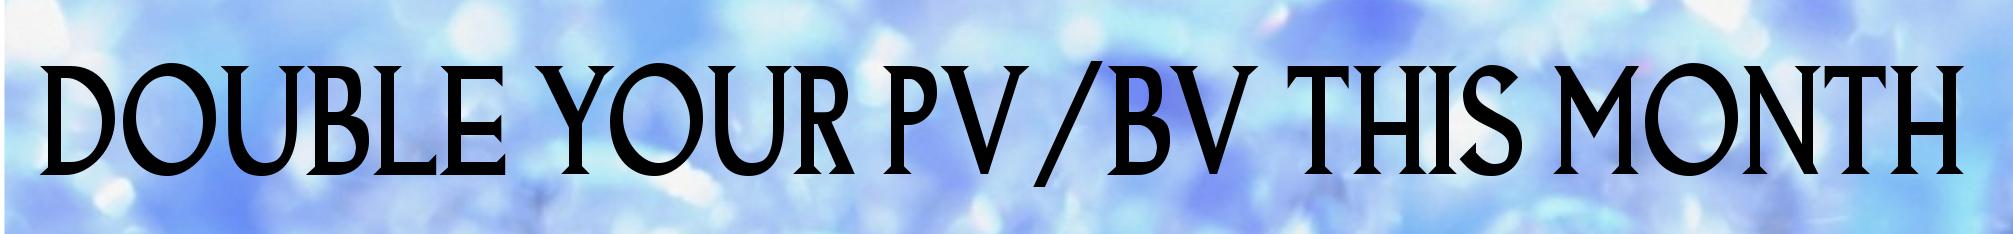 double-pv-bv-banner.jpg